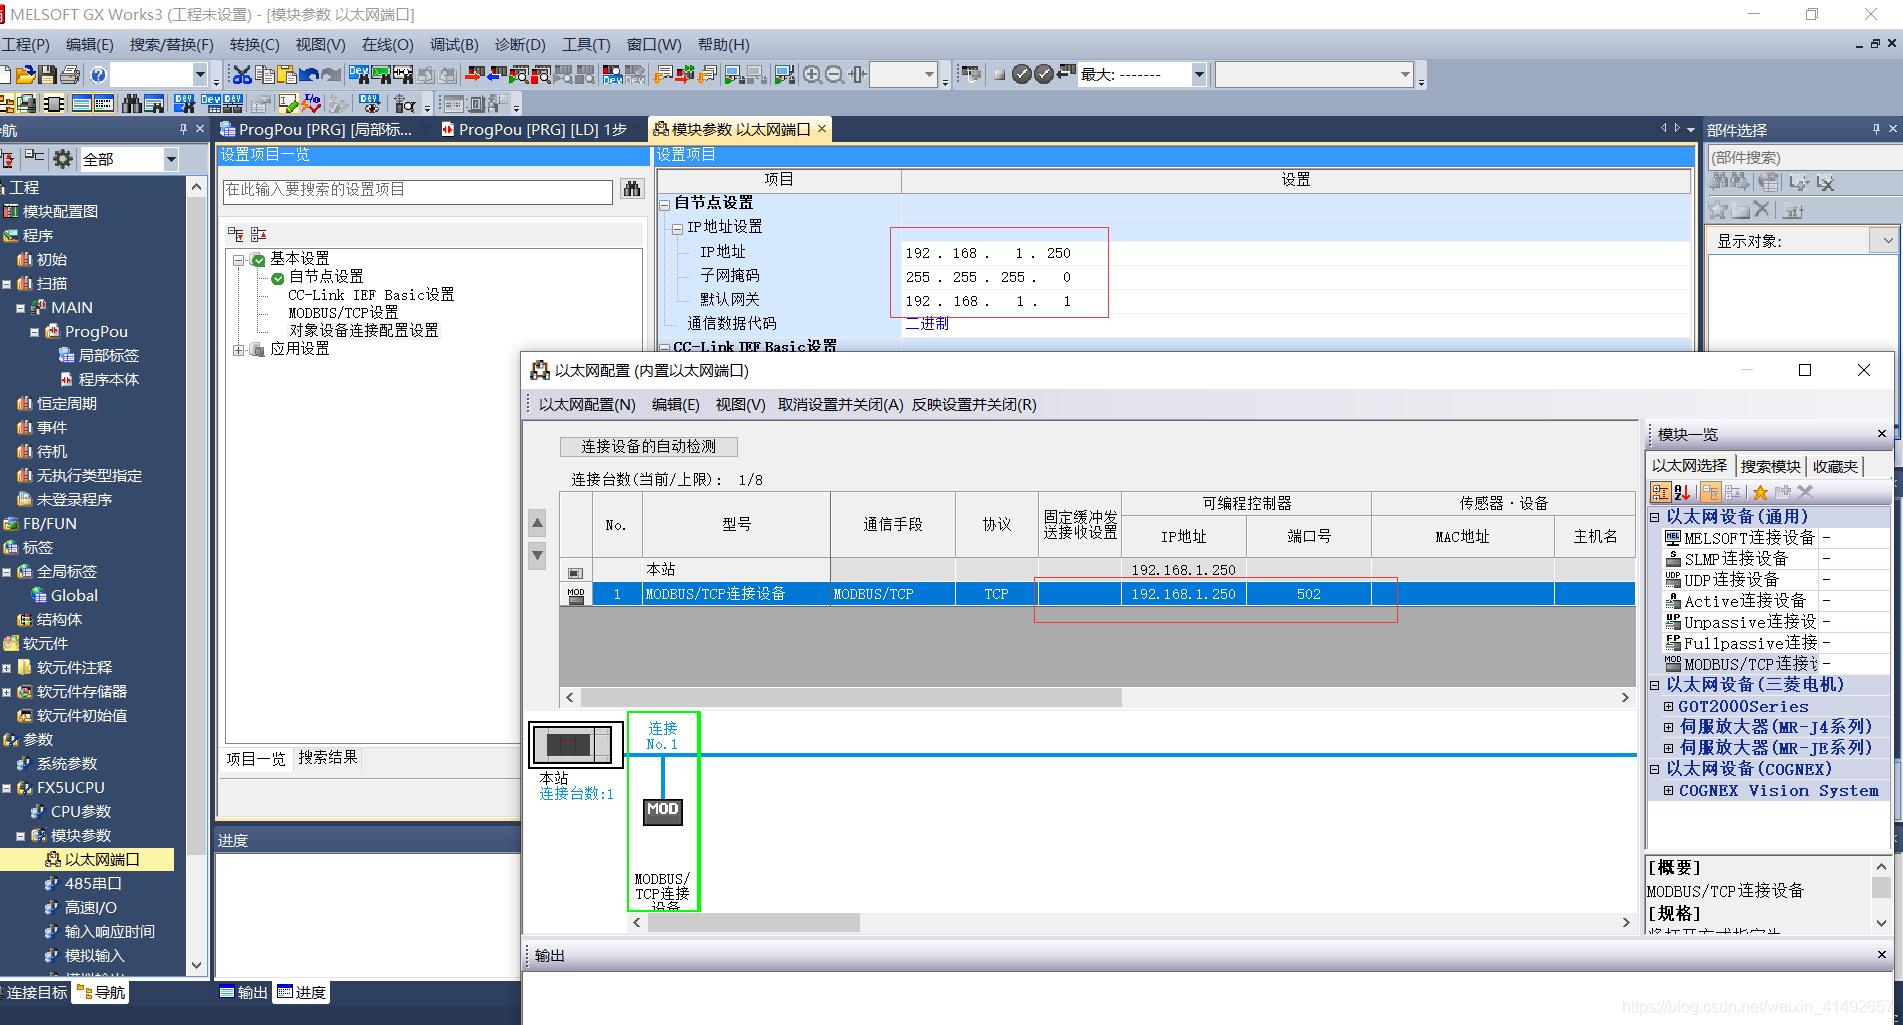 设置IP地址、子网掩码、默认网关,添加连接设备,设置可编程控制器端口号